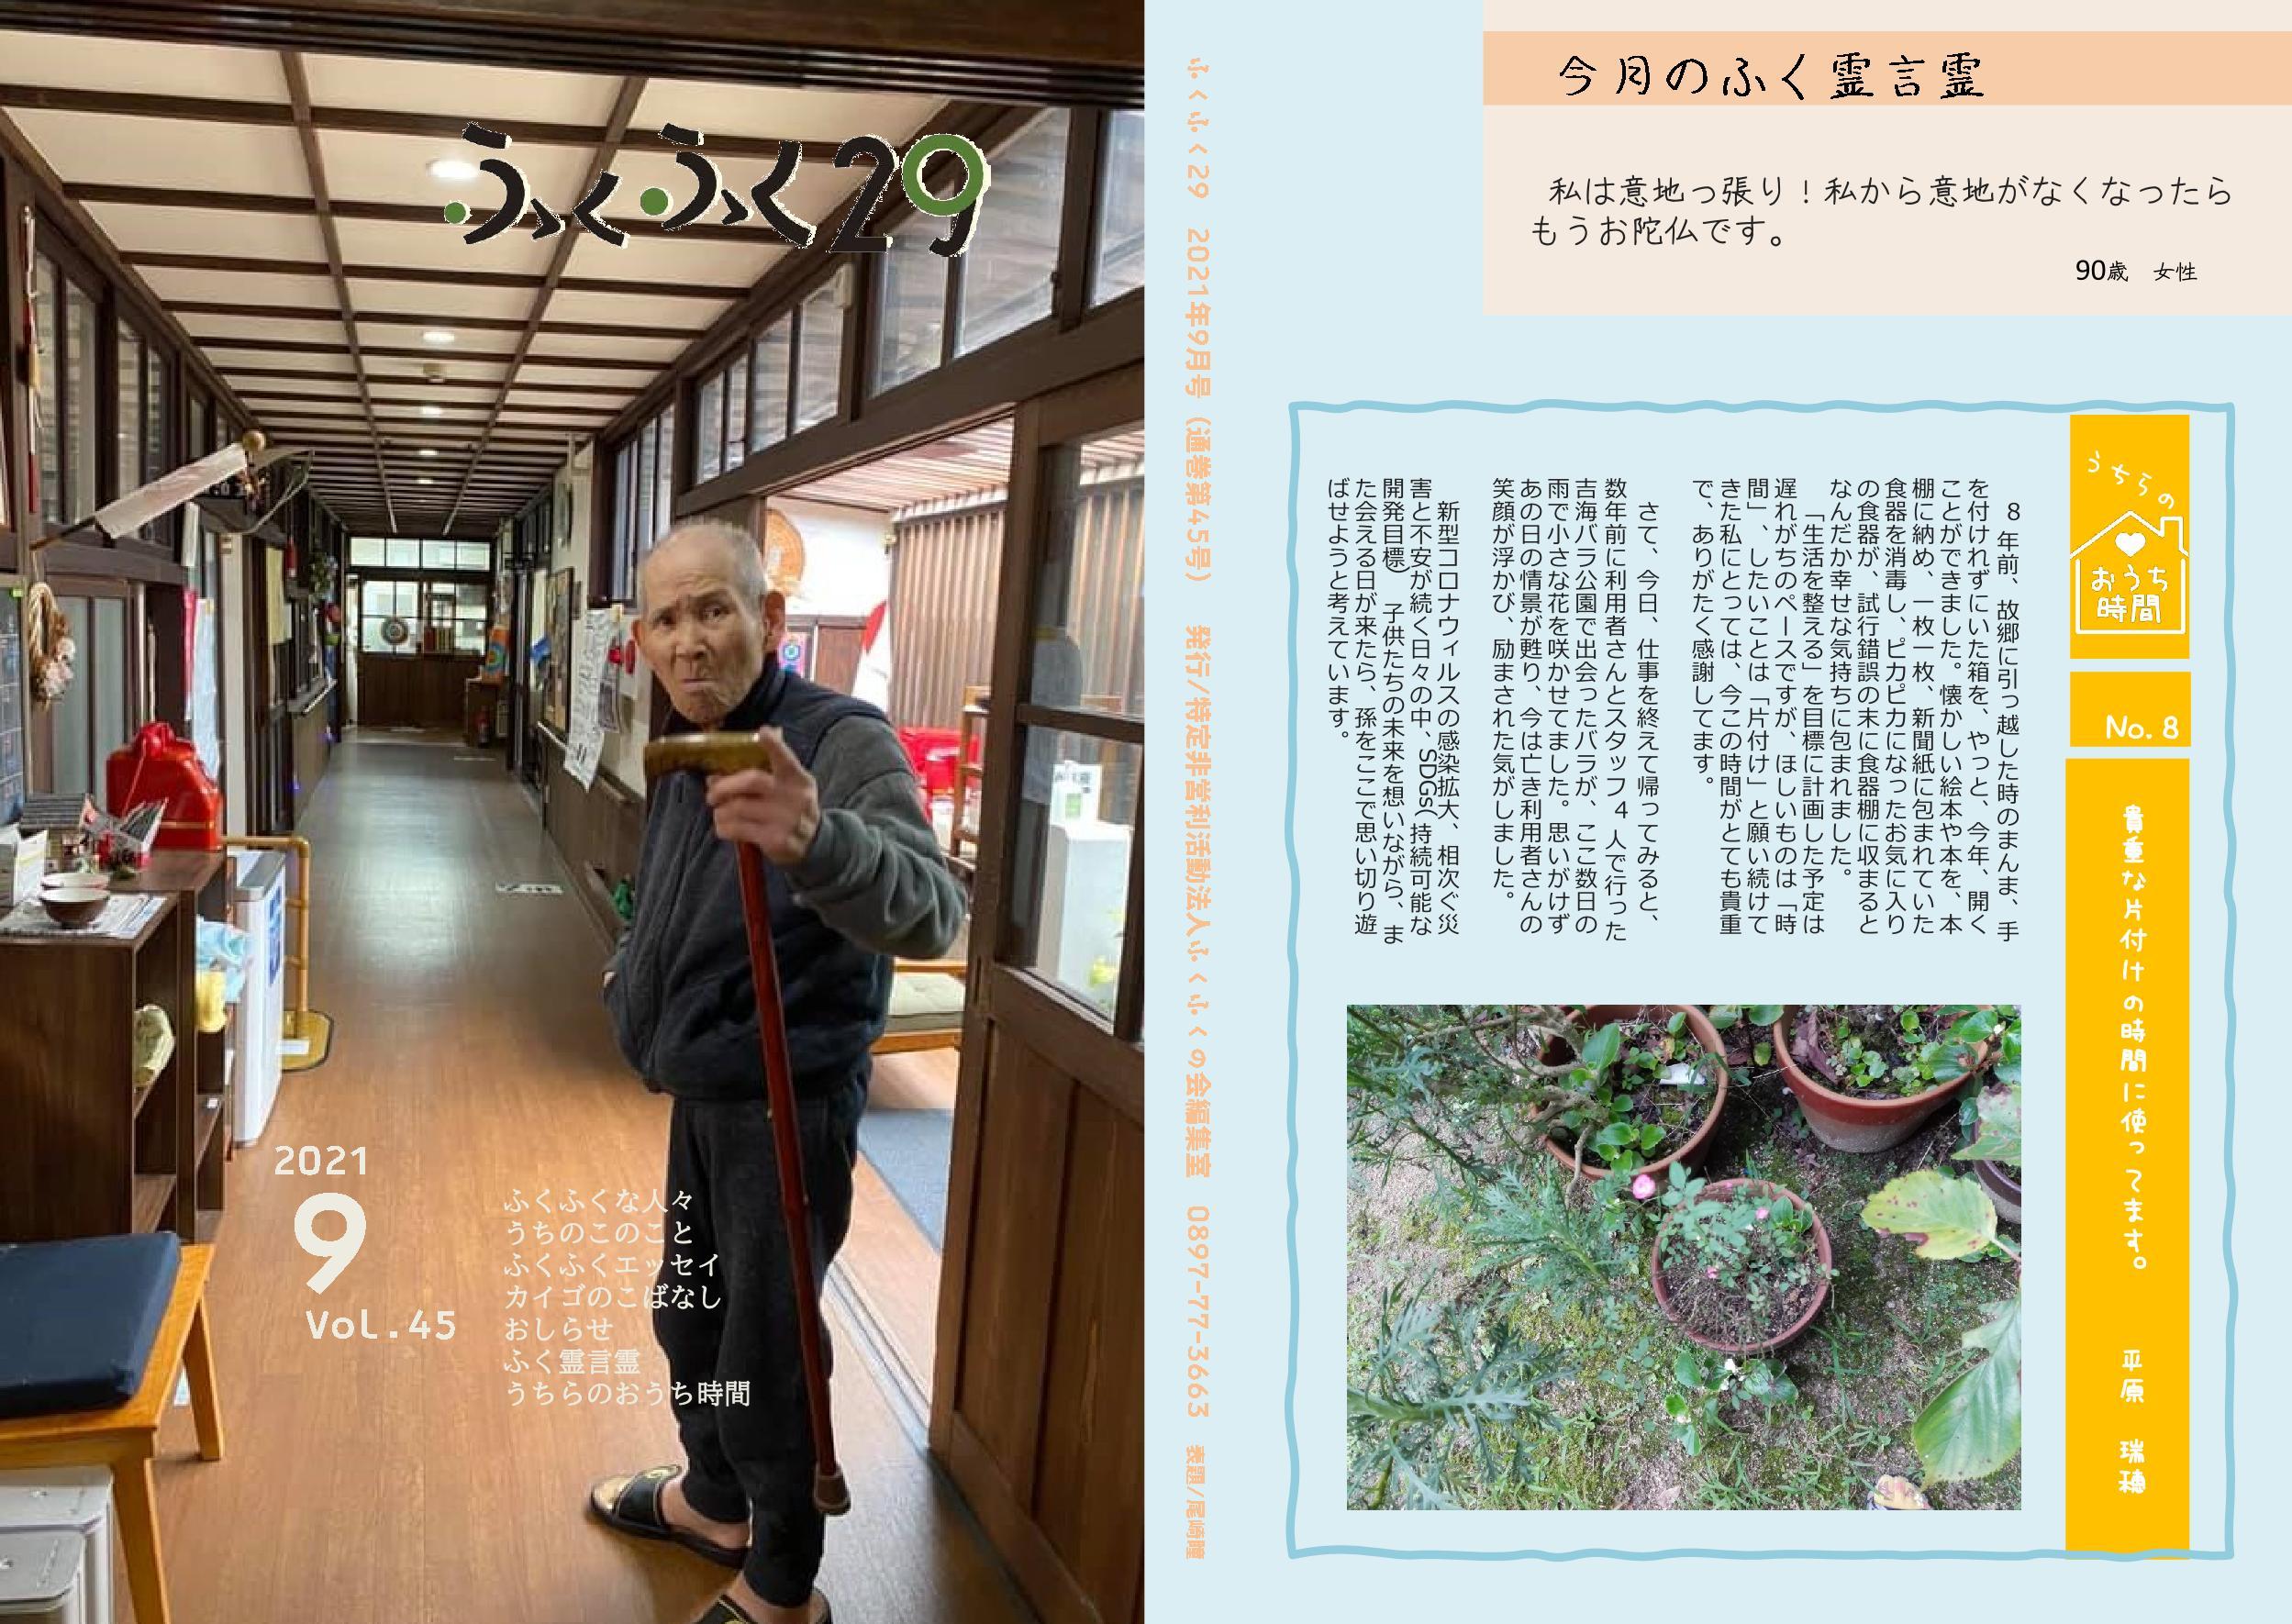 http://fukufukunokai.com/newsletter/images/9%E6%9C%88%E5%8F%B73_cropped_1.jpeg